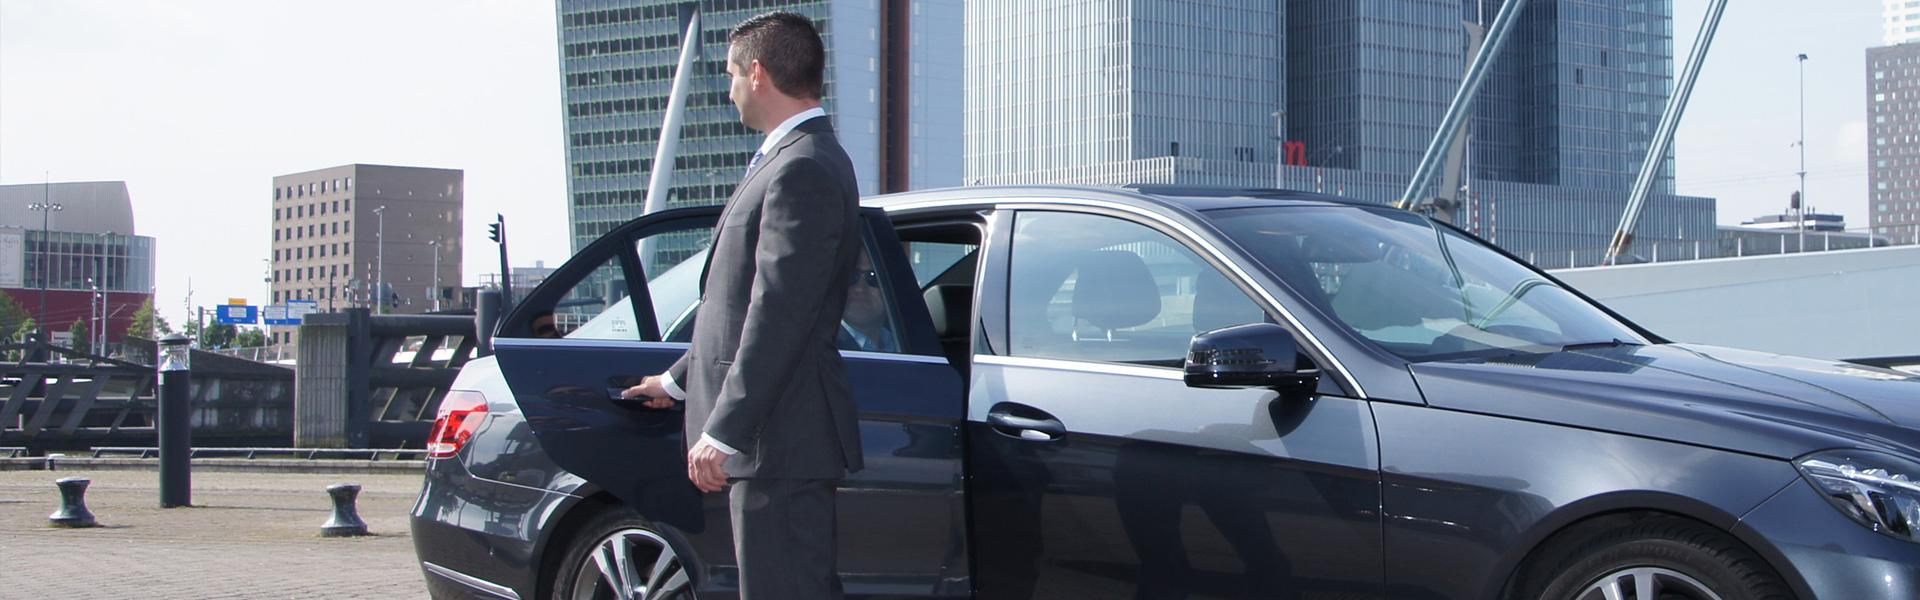 taxi zakelijk vervoer hoogeveen